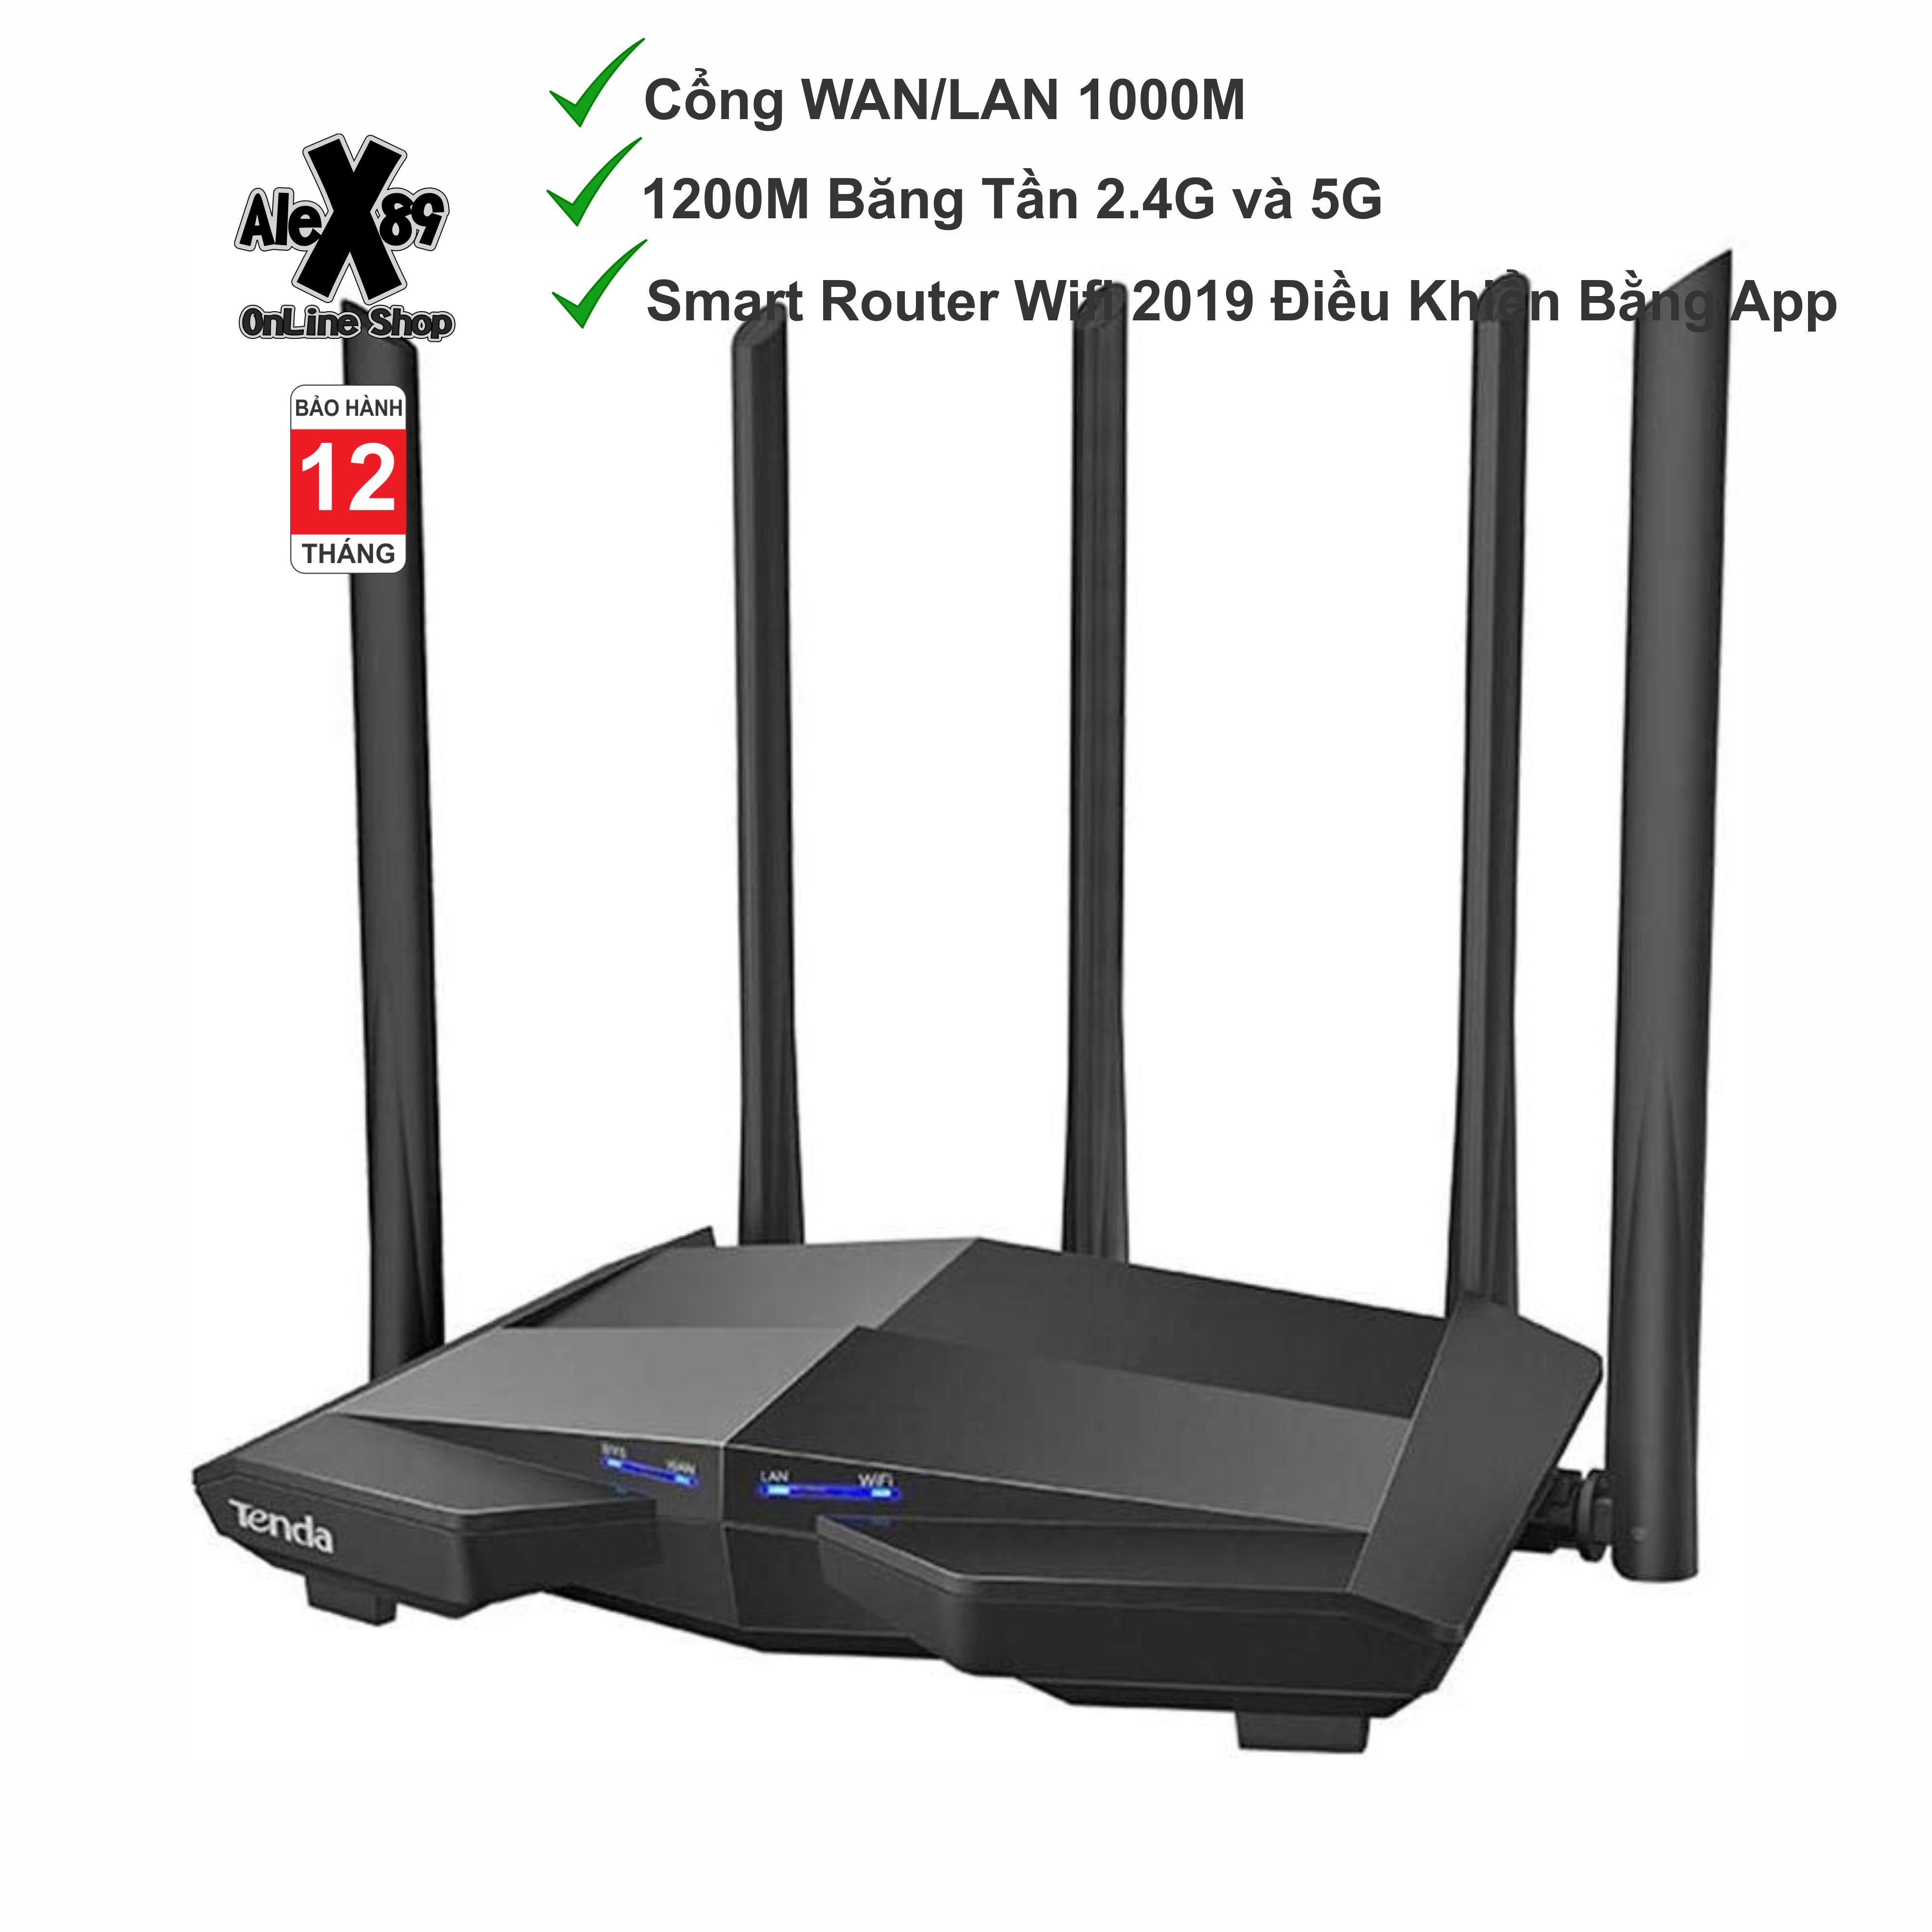 Thiết Bị Phát Wifi Tenda AC11 1200M Gaming - Bảo Hành 12 Tháng Với Giá Sốc